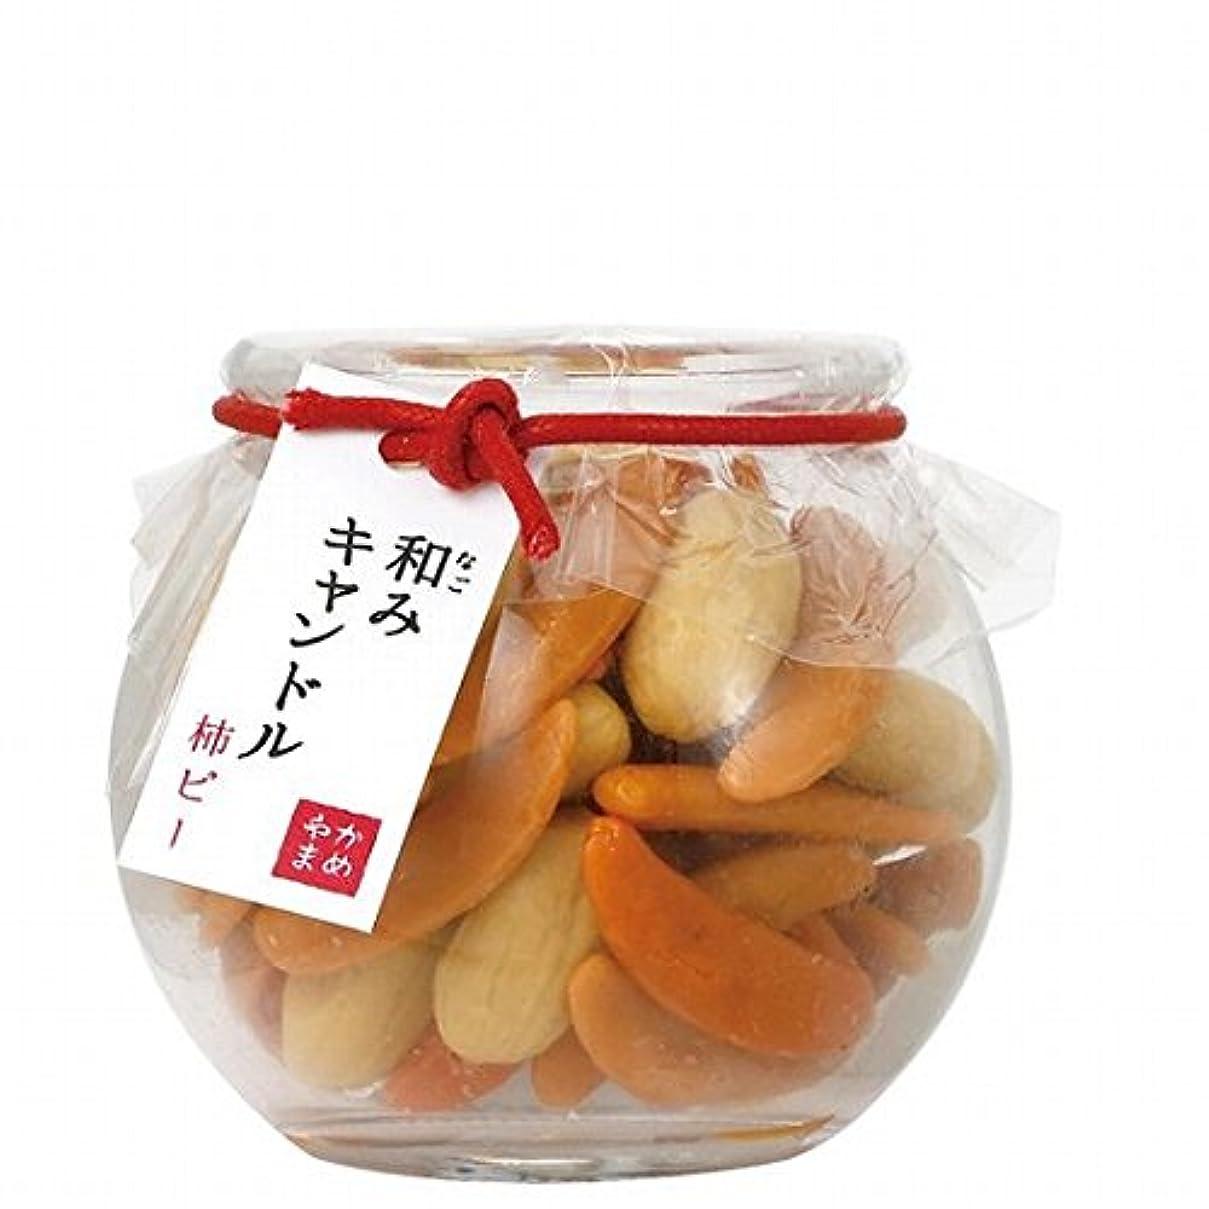 ビスケット収束闇カメヤマキャンドル(kameyama candle) 和みキャンドル 「柿ピー」